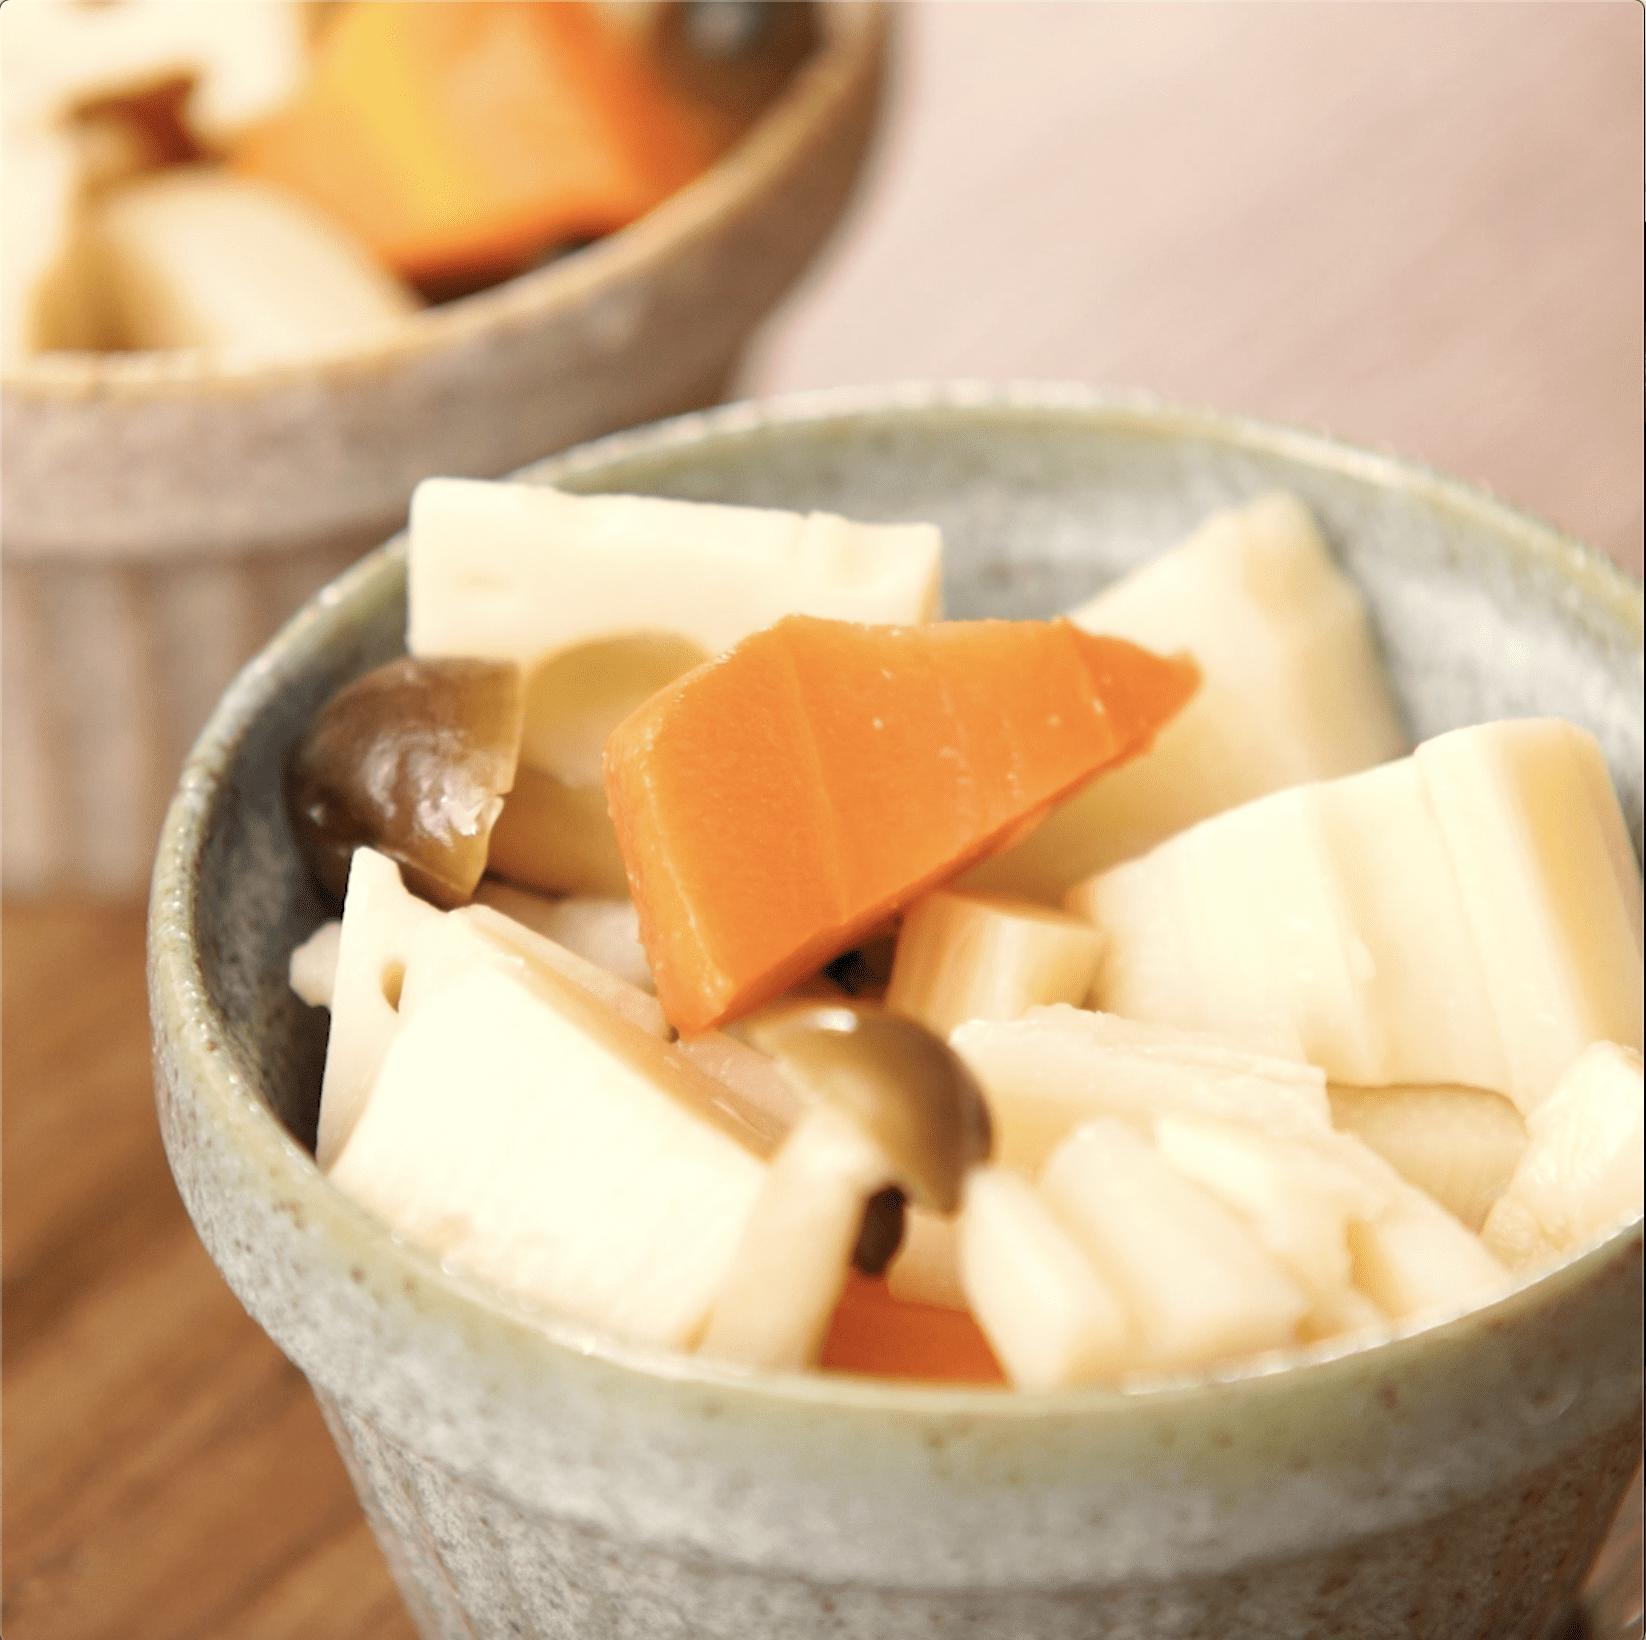 週末に作る「自家製冷凍野菜ミックス」これで平日包丁いらず!